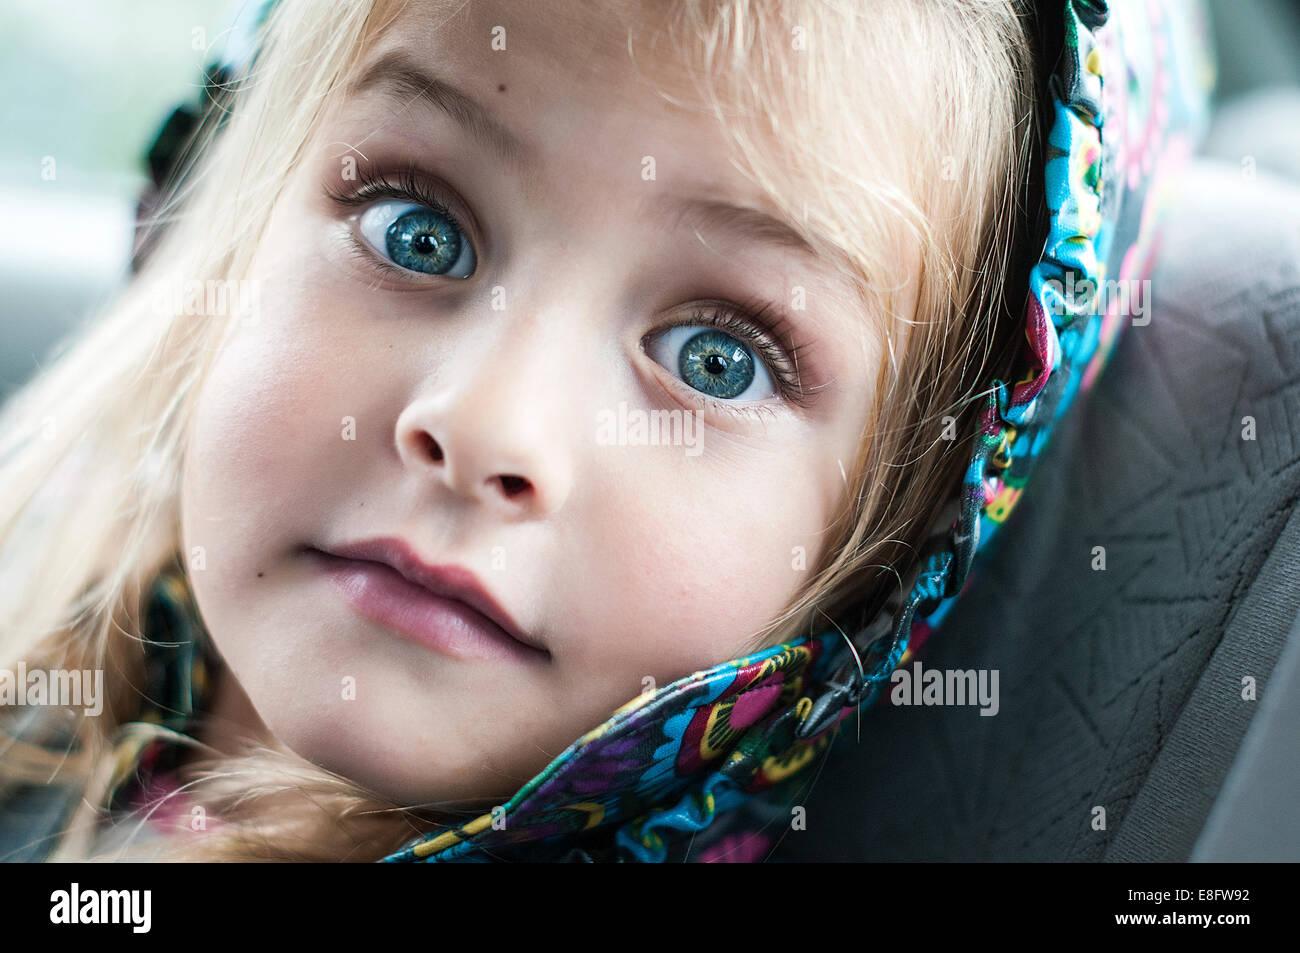 Porträt von kleinen Mädchen mit überrascht Ausdruck auf ihrem Gesicht Stockbild